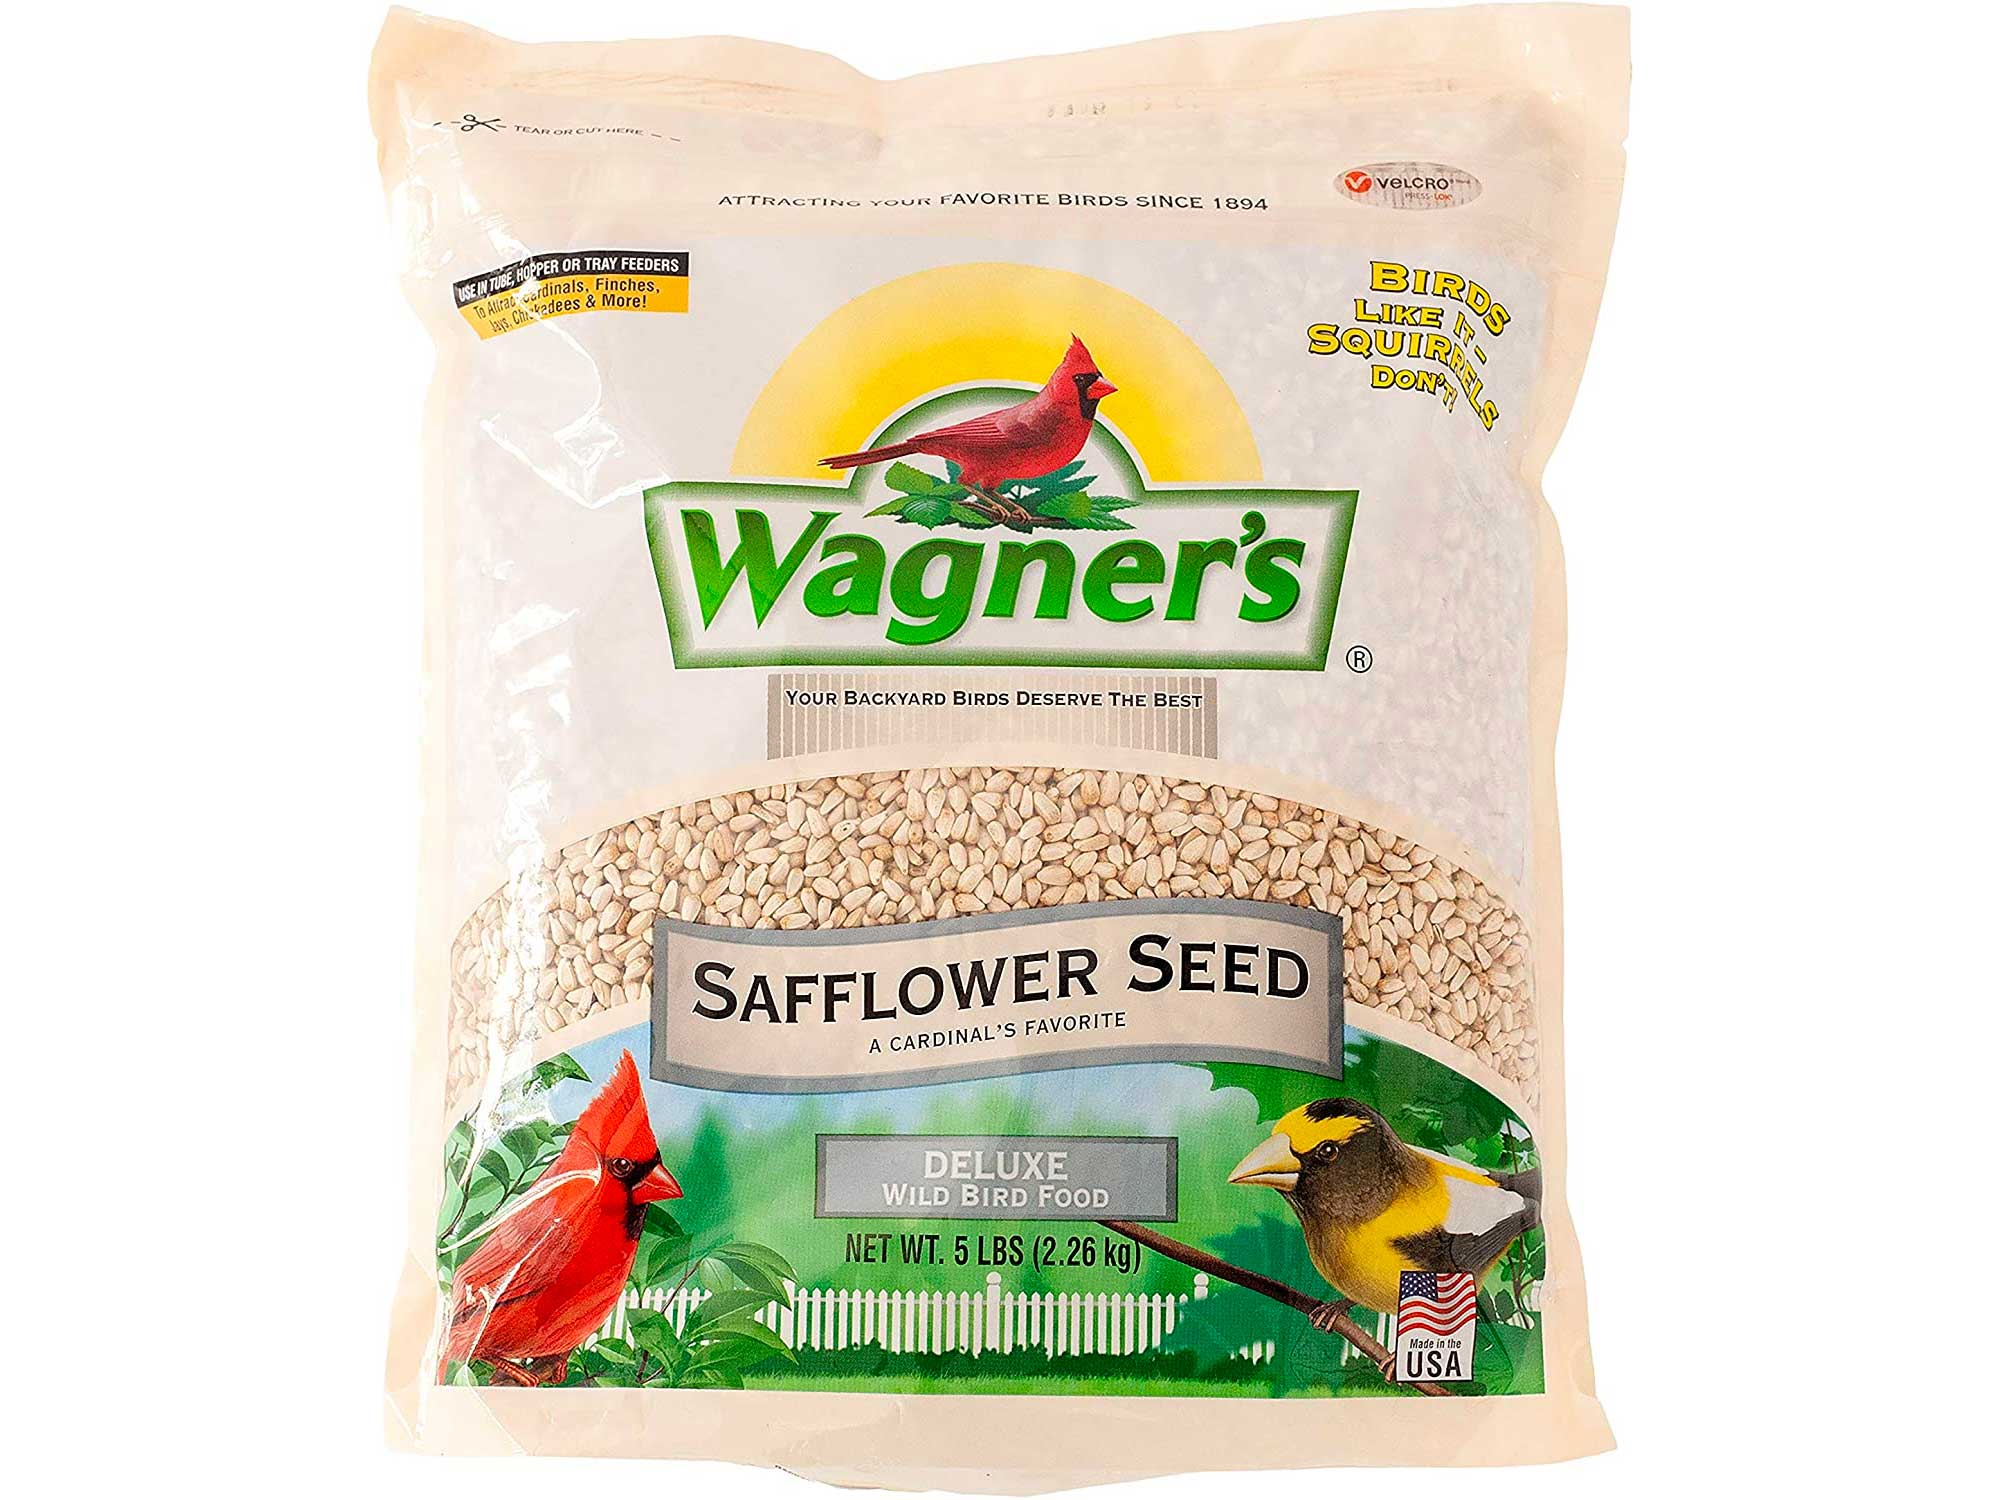 Wagner's safflower bird seed